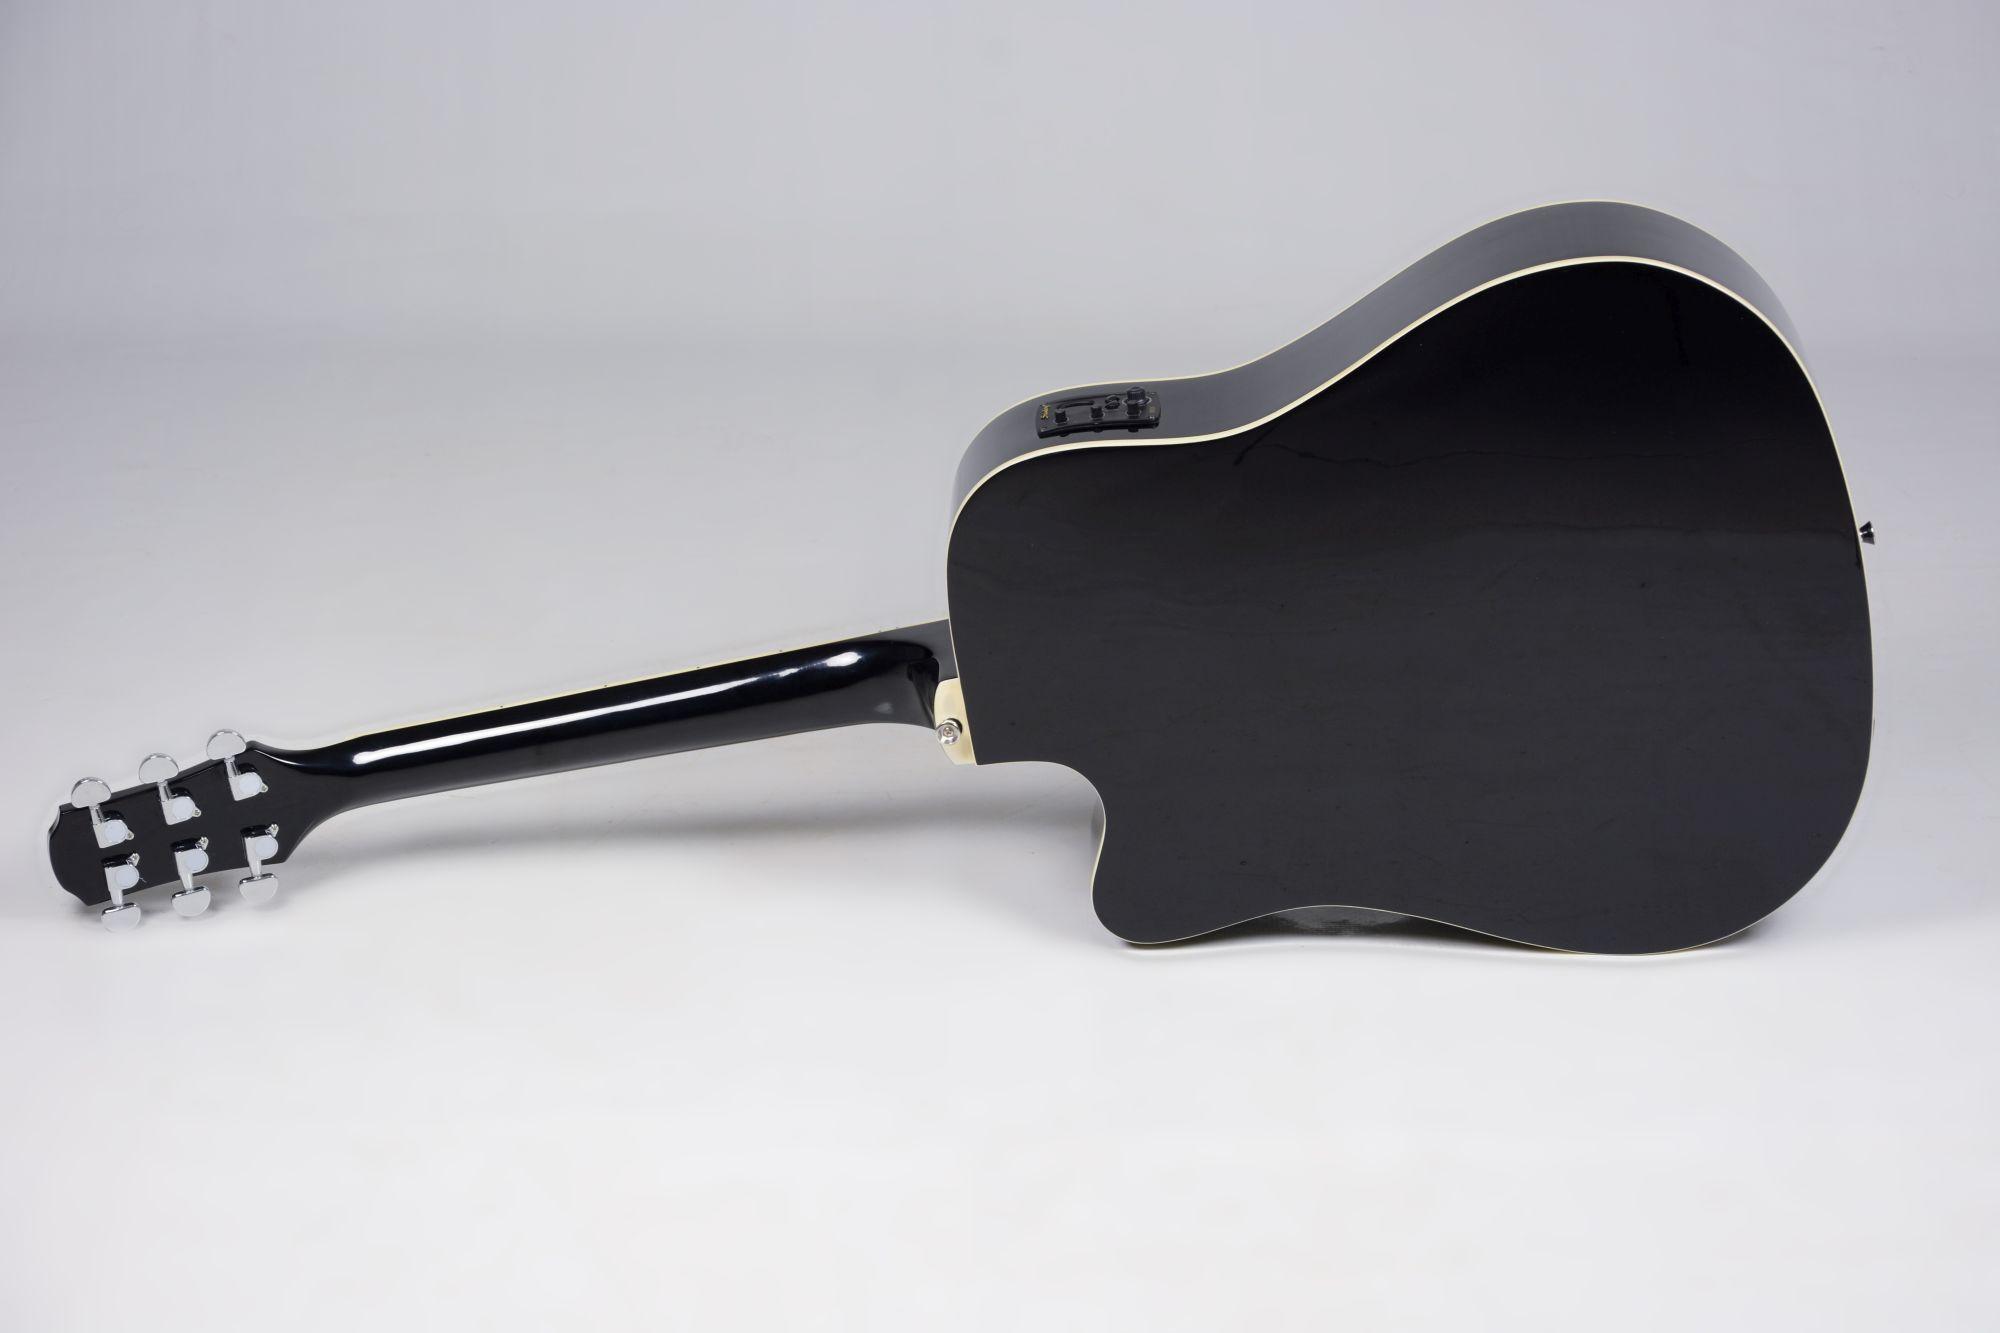 Violão Strinberg Eletroacústico London Le30c Bk Folk